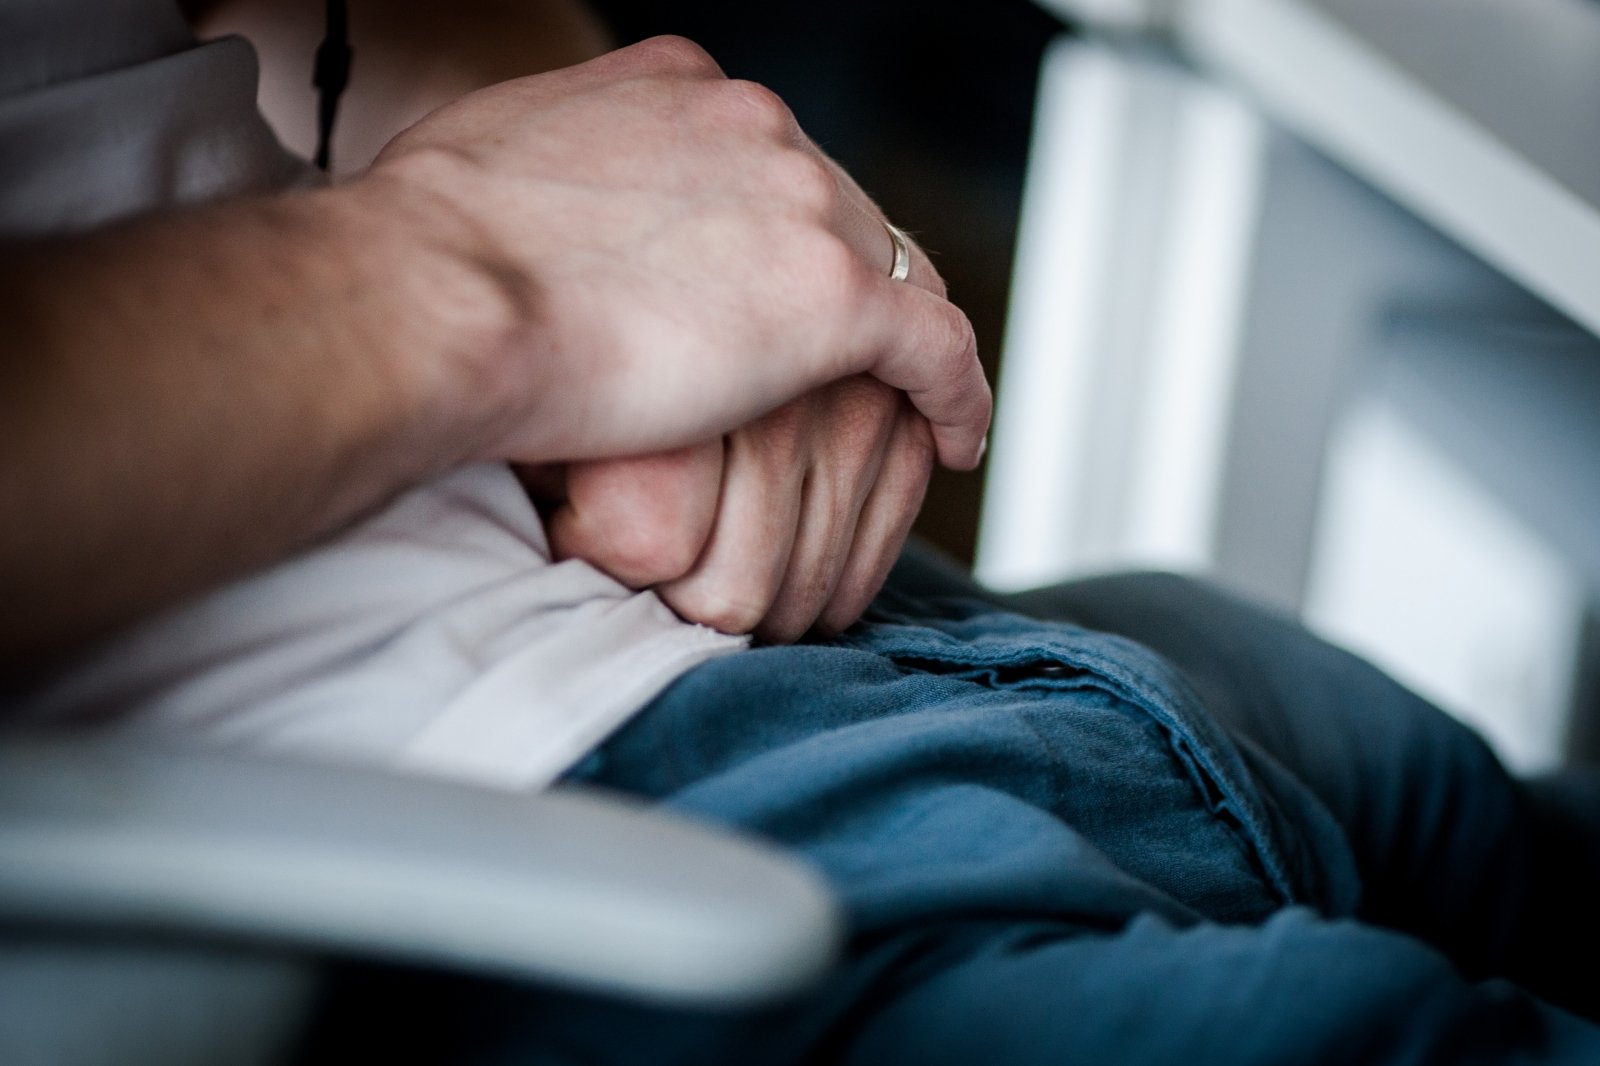 kaip iš tikrųjų pagerinti erekciją varpos pagalvėlė